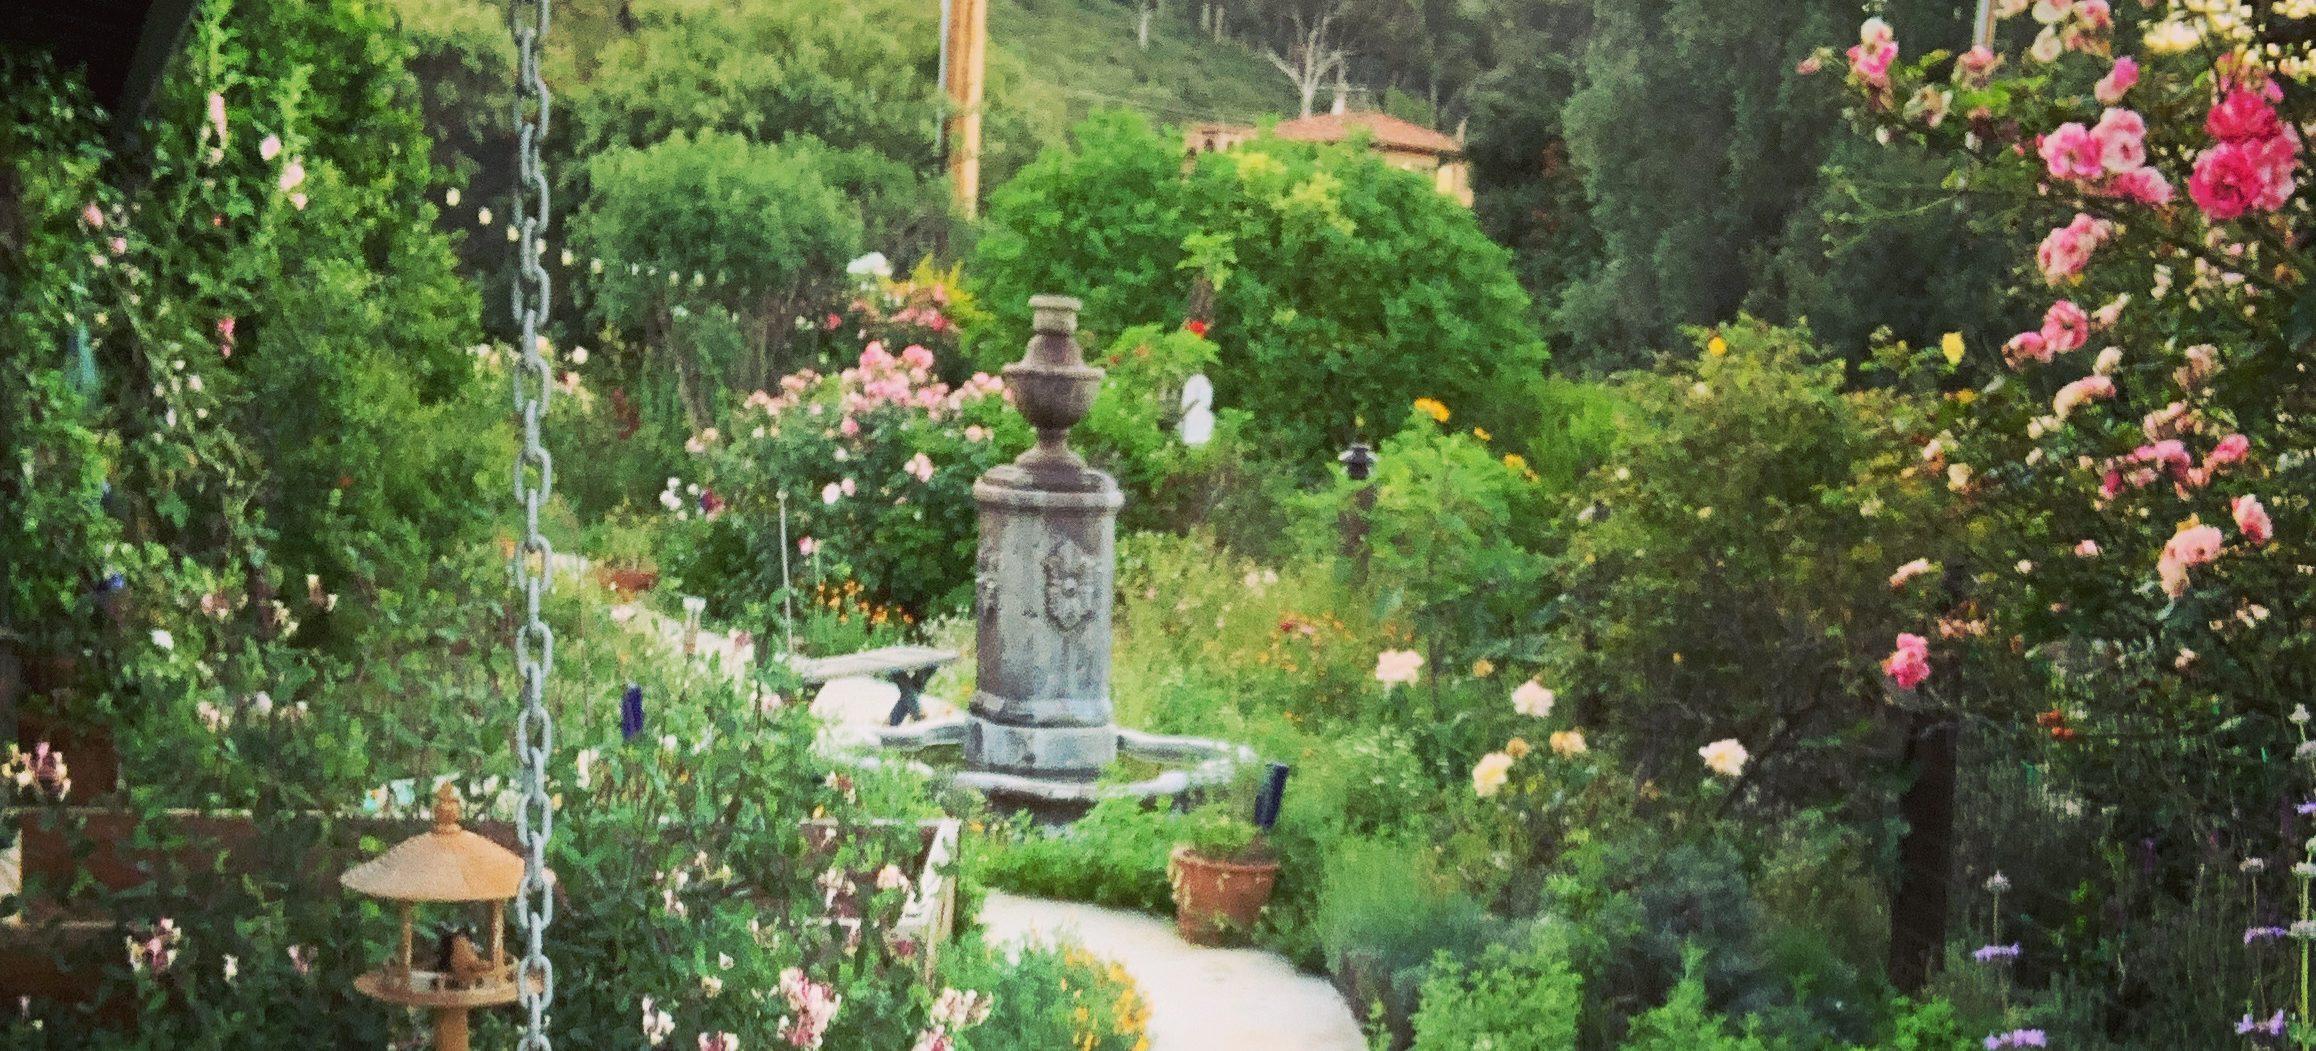 Karen England's EdgehillHerbFarm Blog